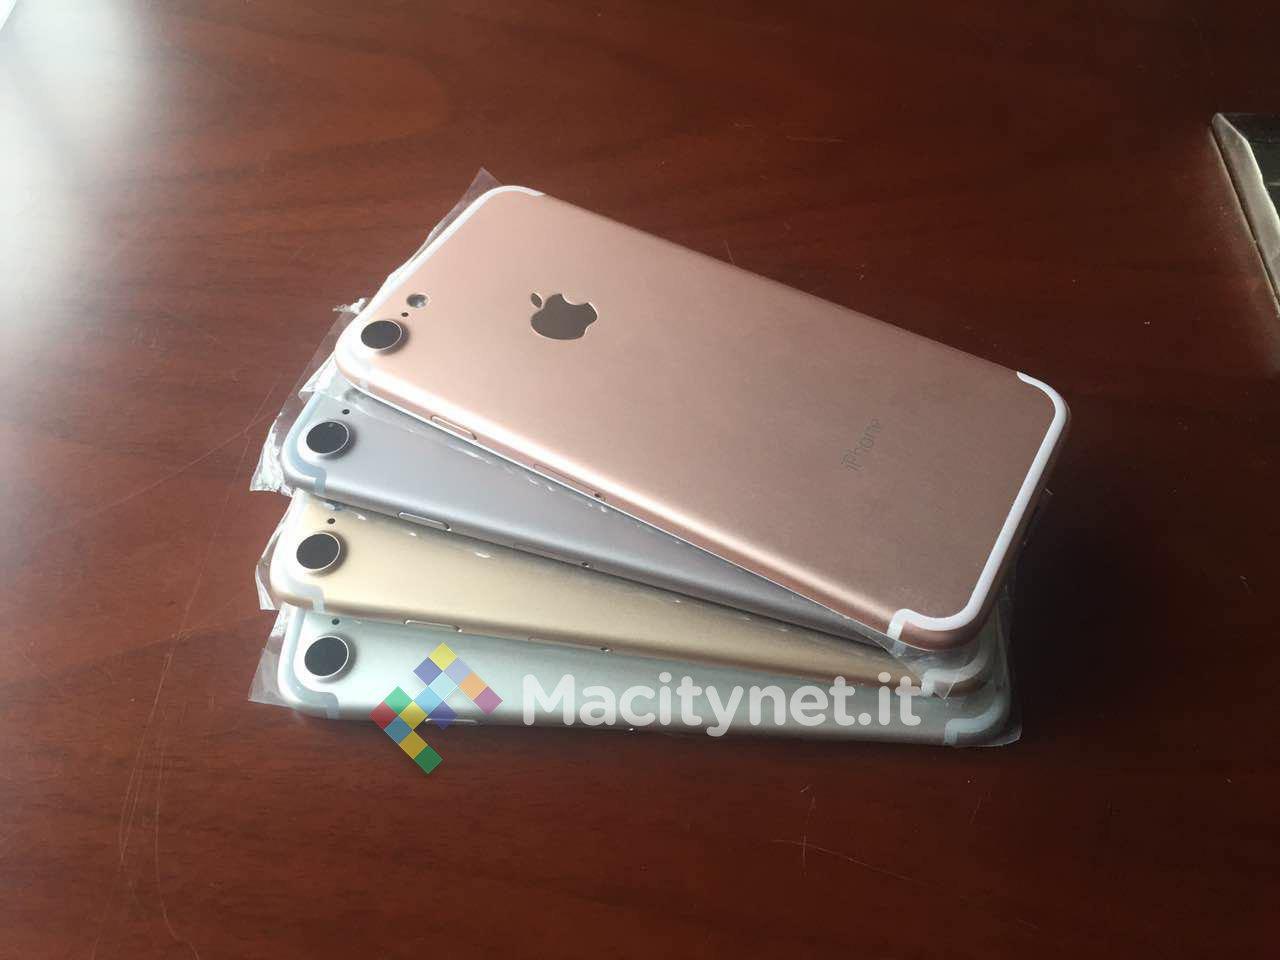 iphone-7-colors-leak (1)